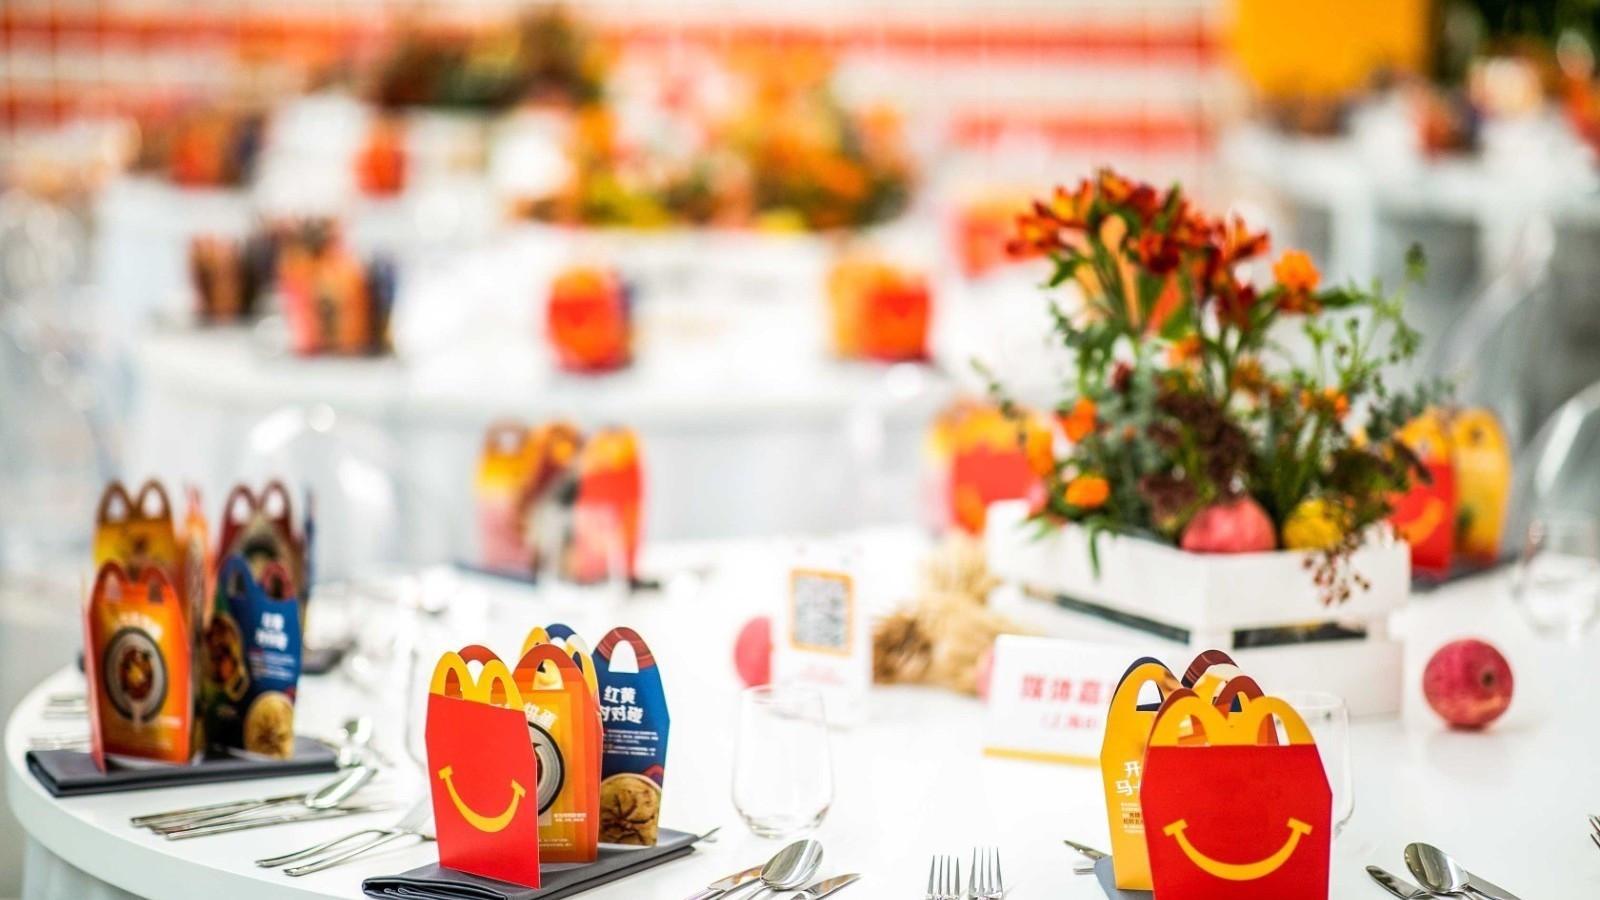 麦当劳中国开心乐园餐重磅升级:助力儿童均衡膳食,创造亲子欢乐时光